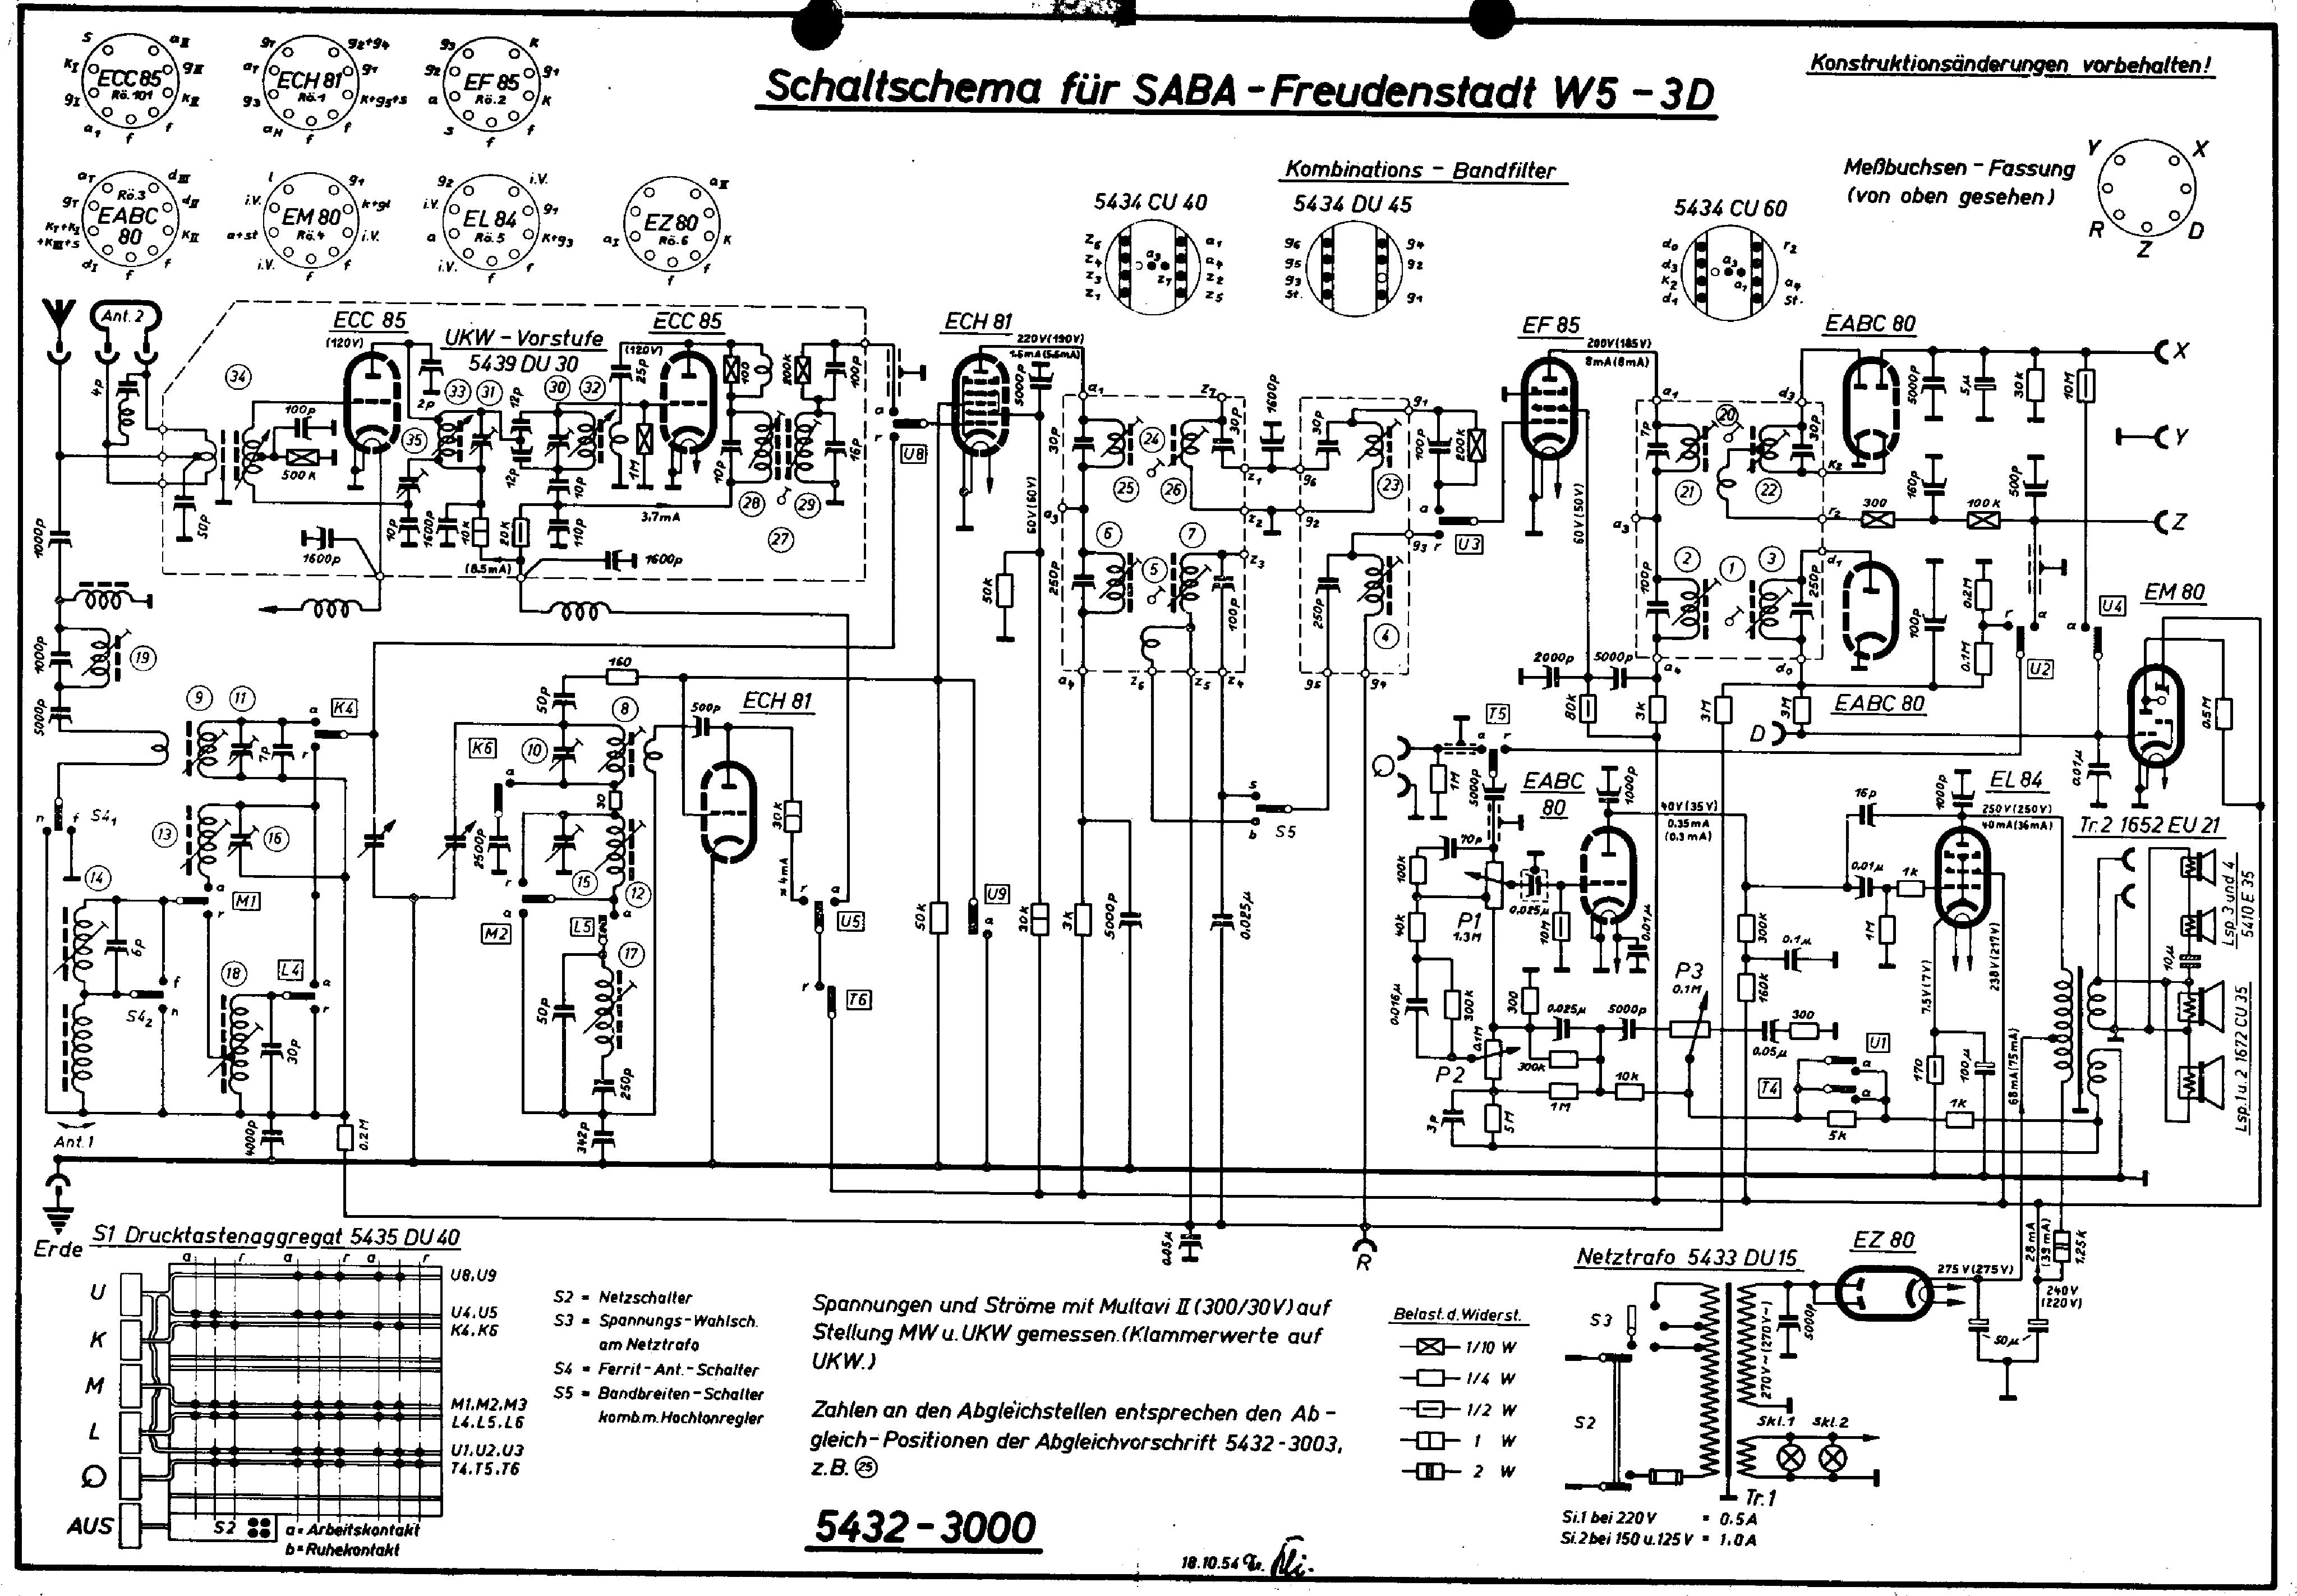 saba freudenstadt w53d service manual download  schematics